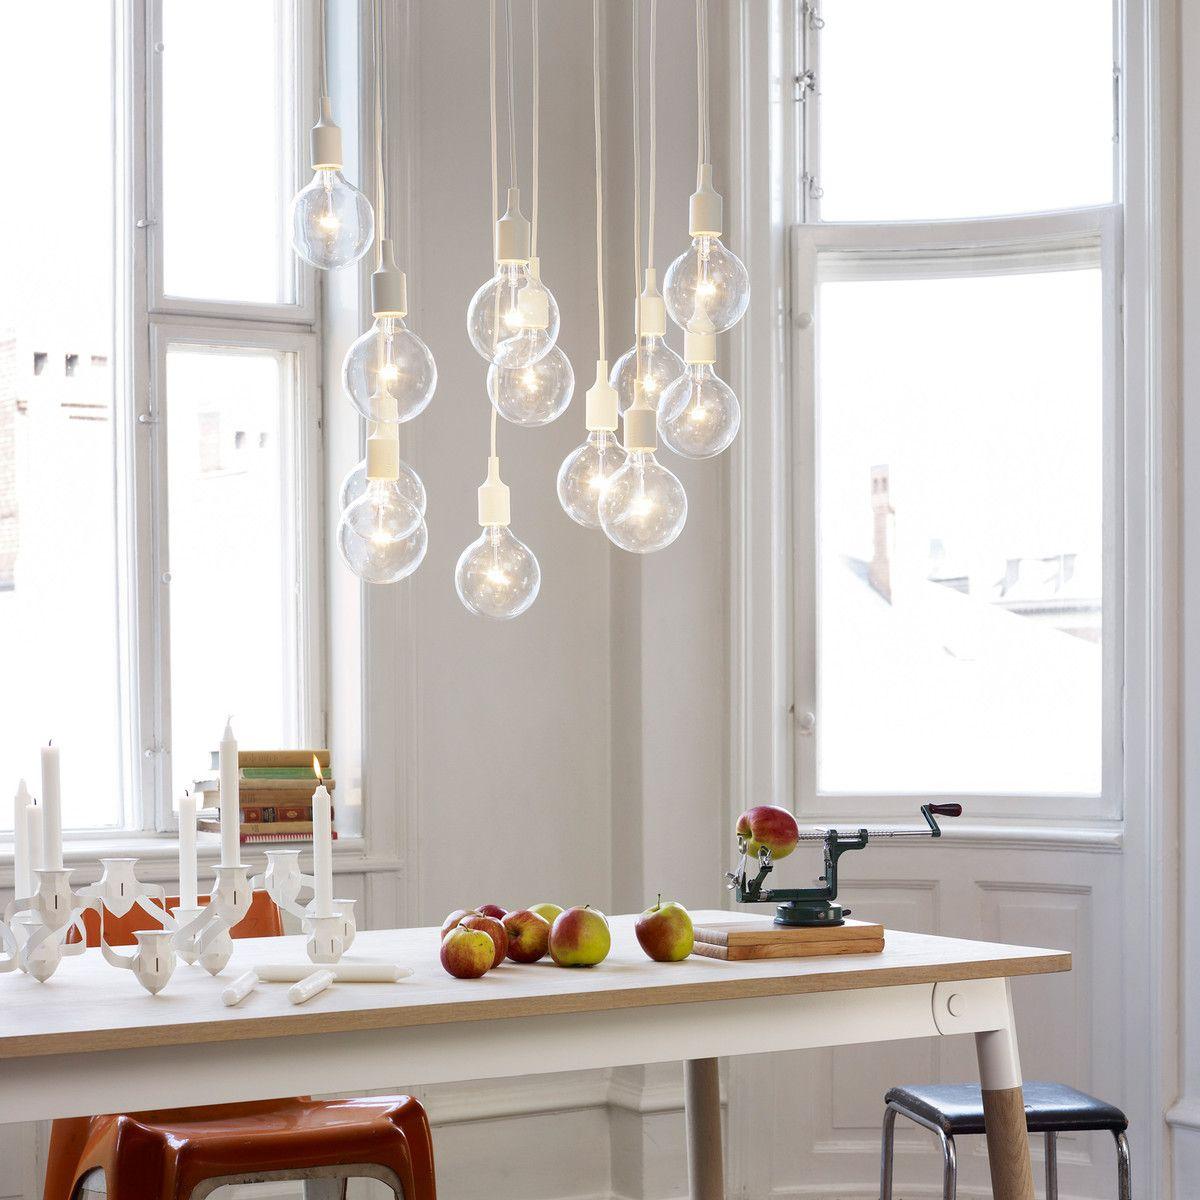 Fresh Erkunde Lampen Treppenhaus Leuchte Esstisch und noch mehr